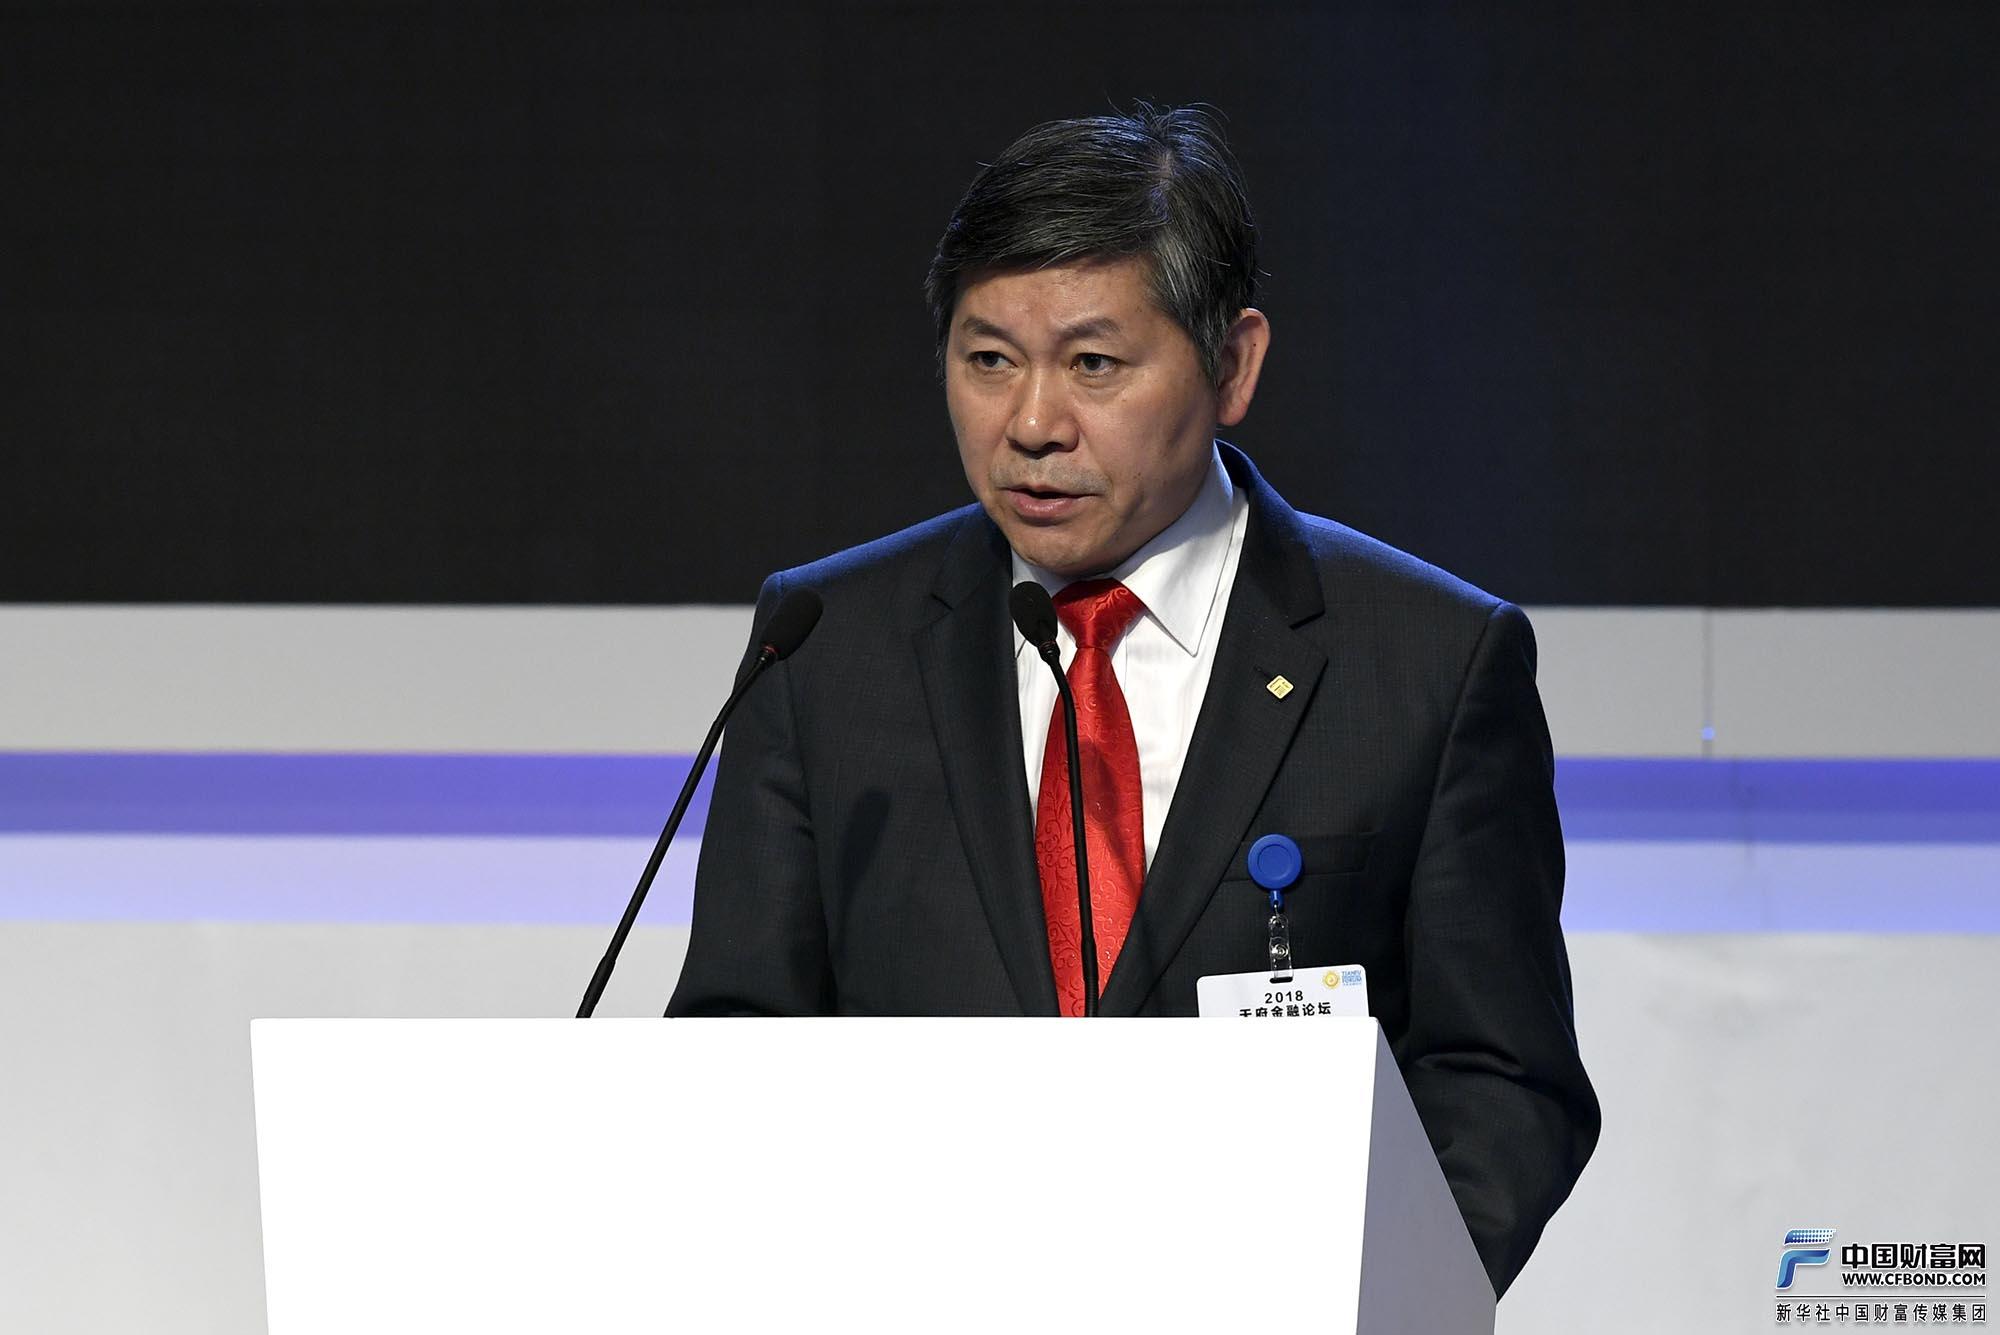 主旨演讲:泰康保险集团总裁兼泰康在线财产保险股份有限公司董事长刘经纶